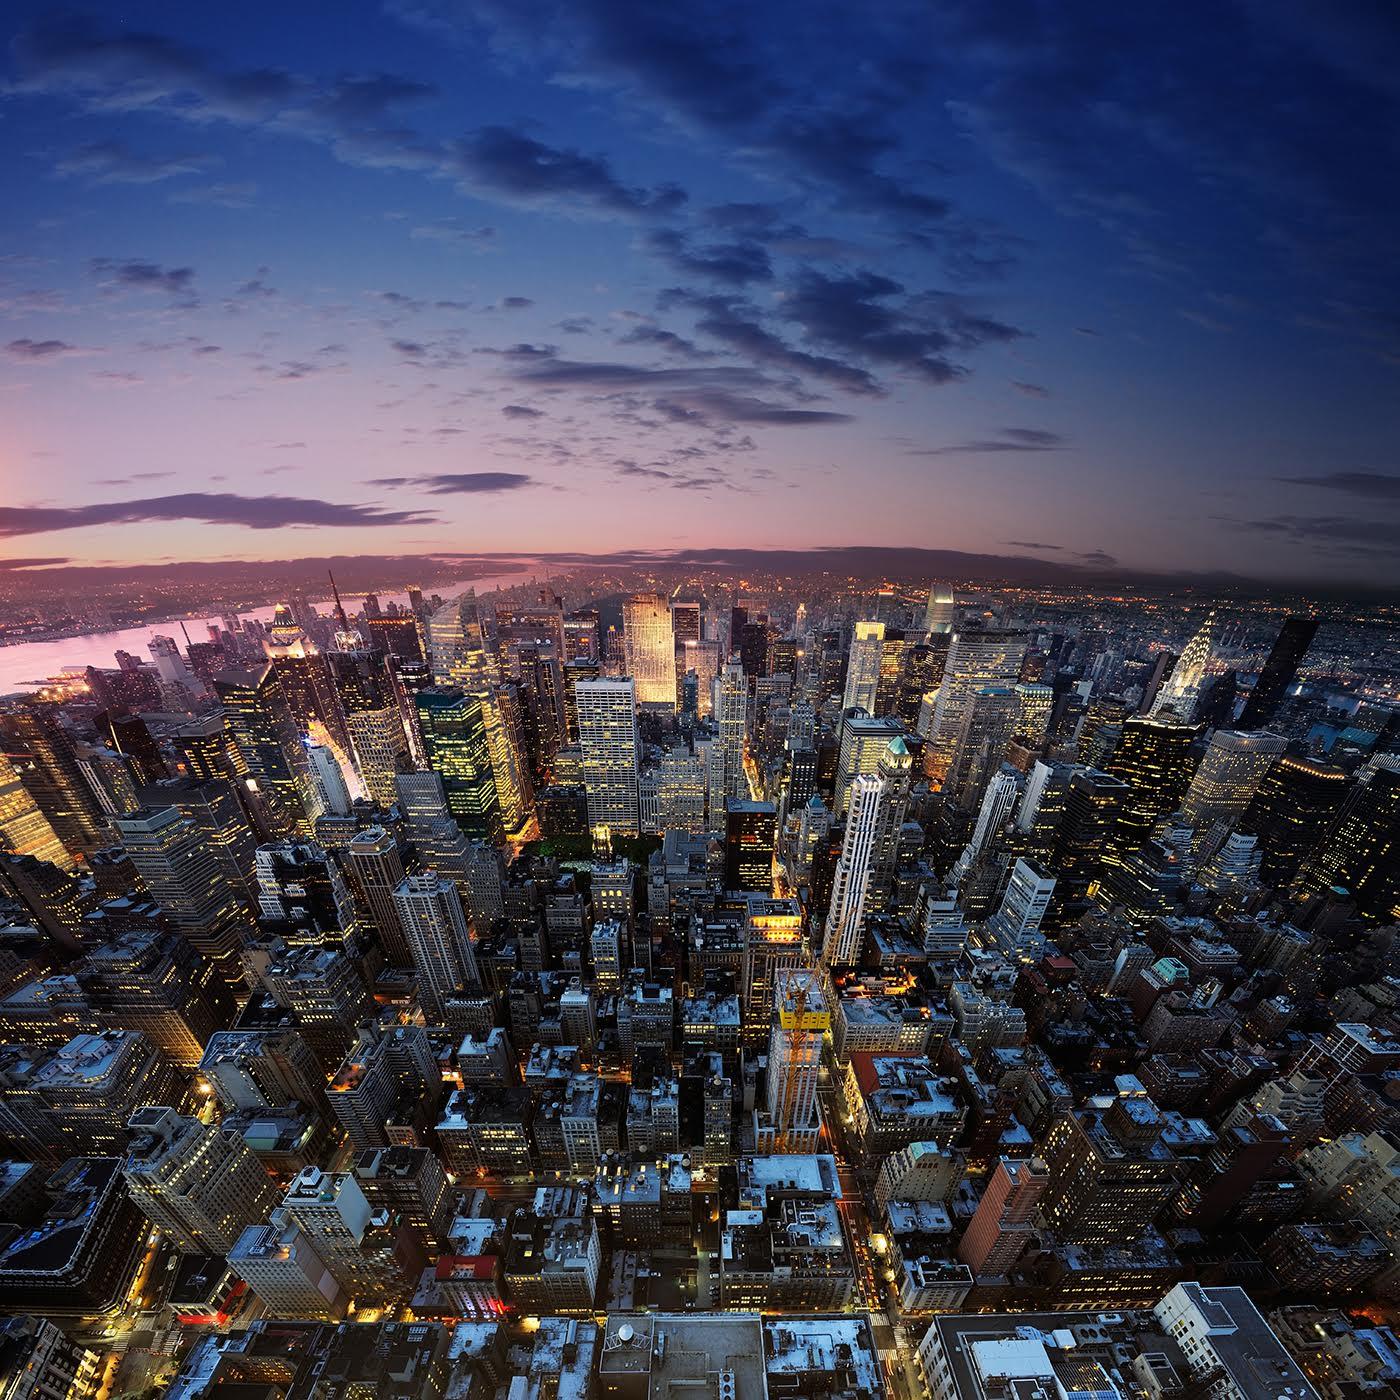 New York skyline at dusk - Velocity NY 2016